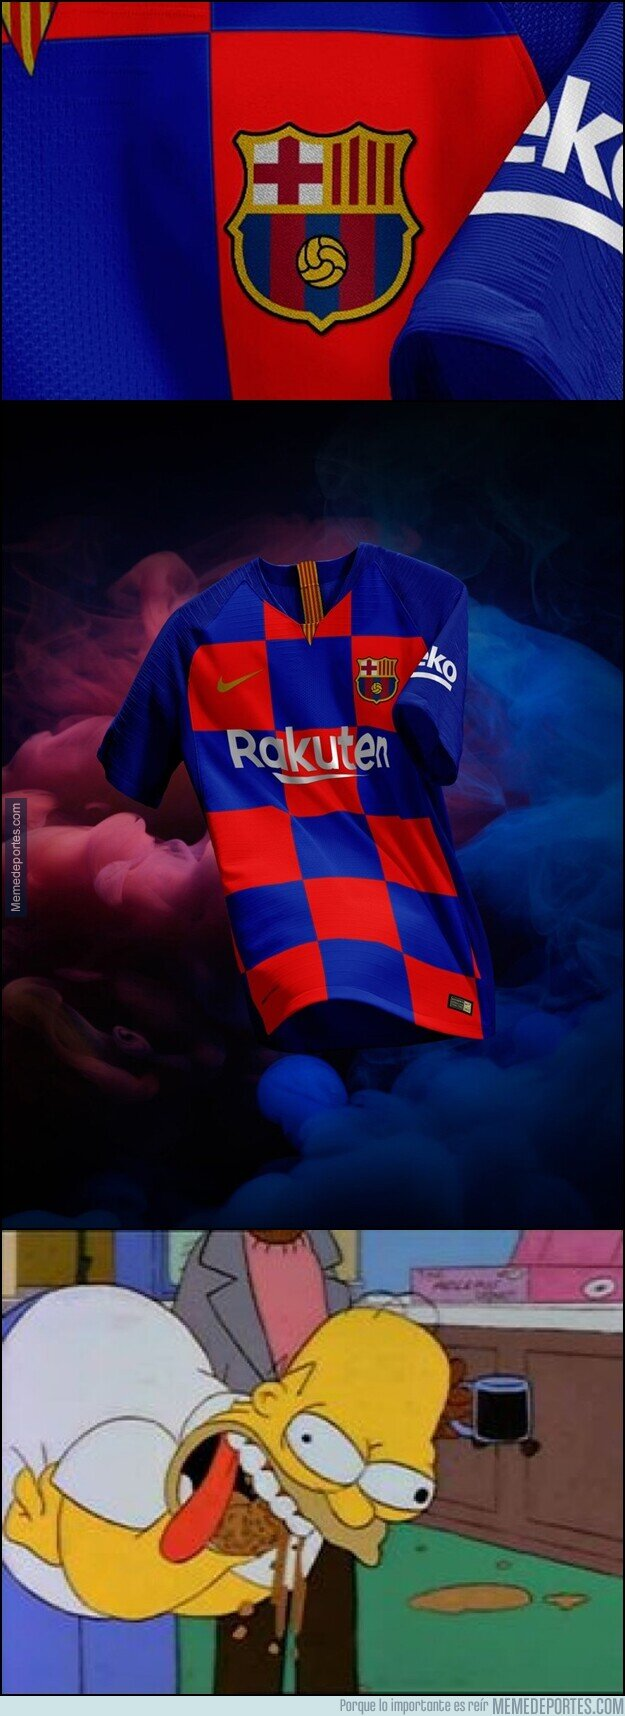 1105360 - Hace 2 años el Barça trató de vendernos una aberración sin nombre